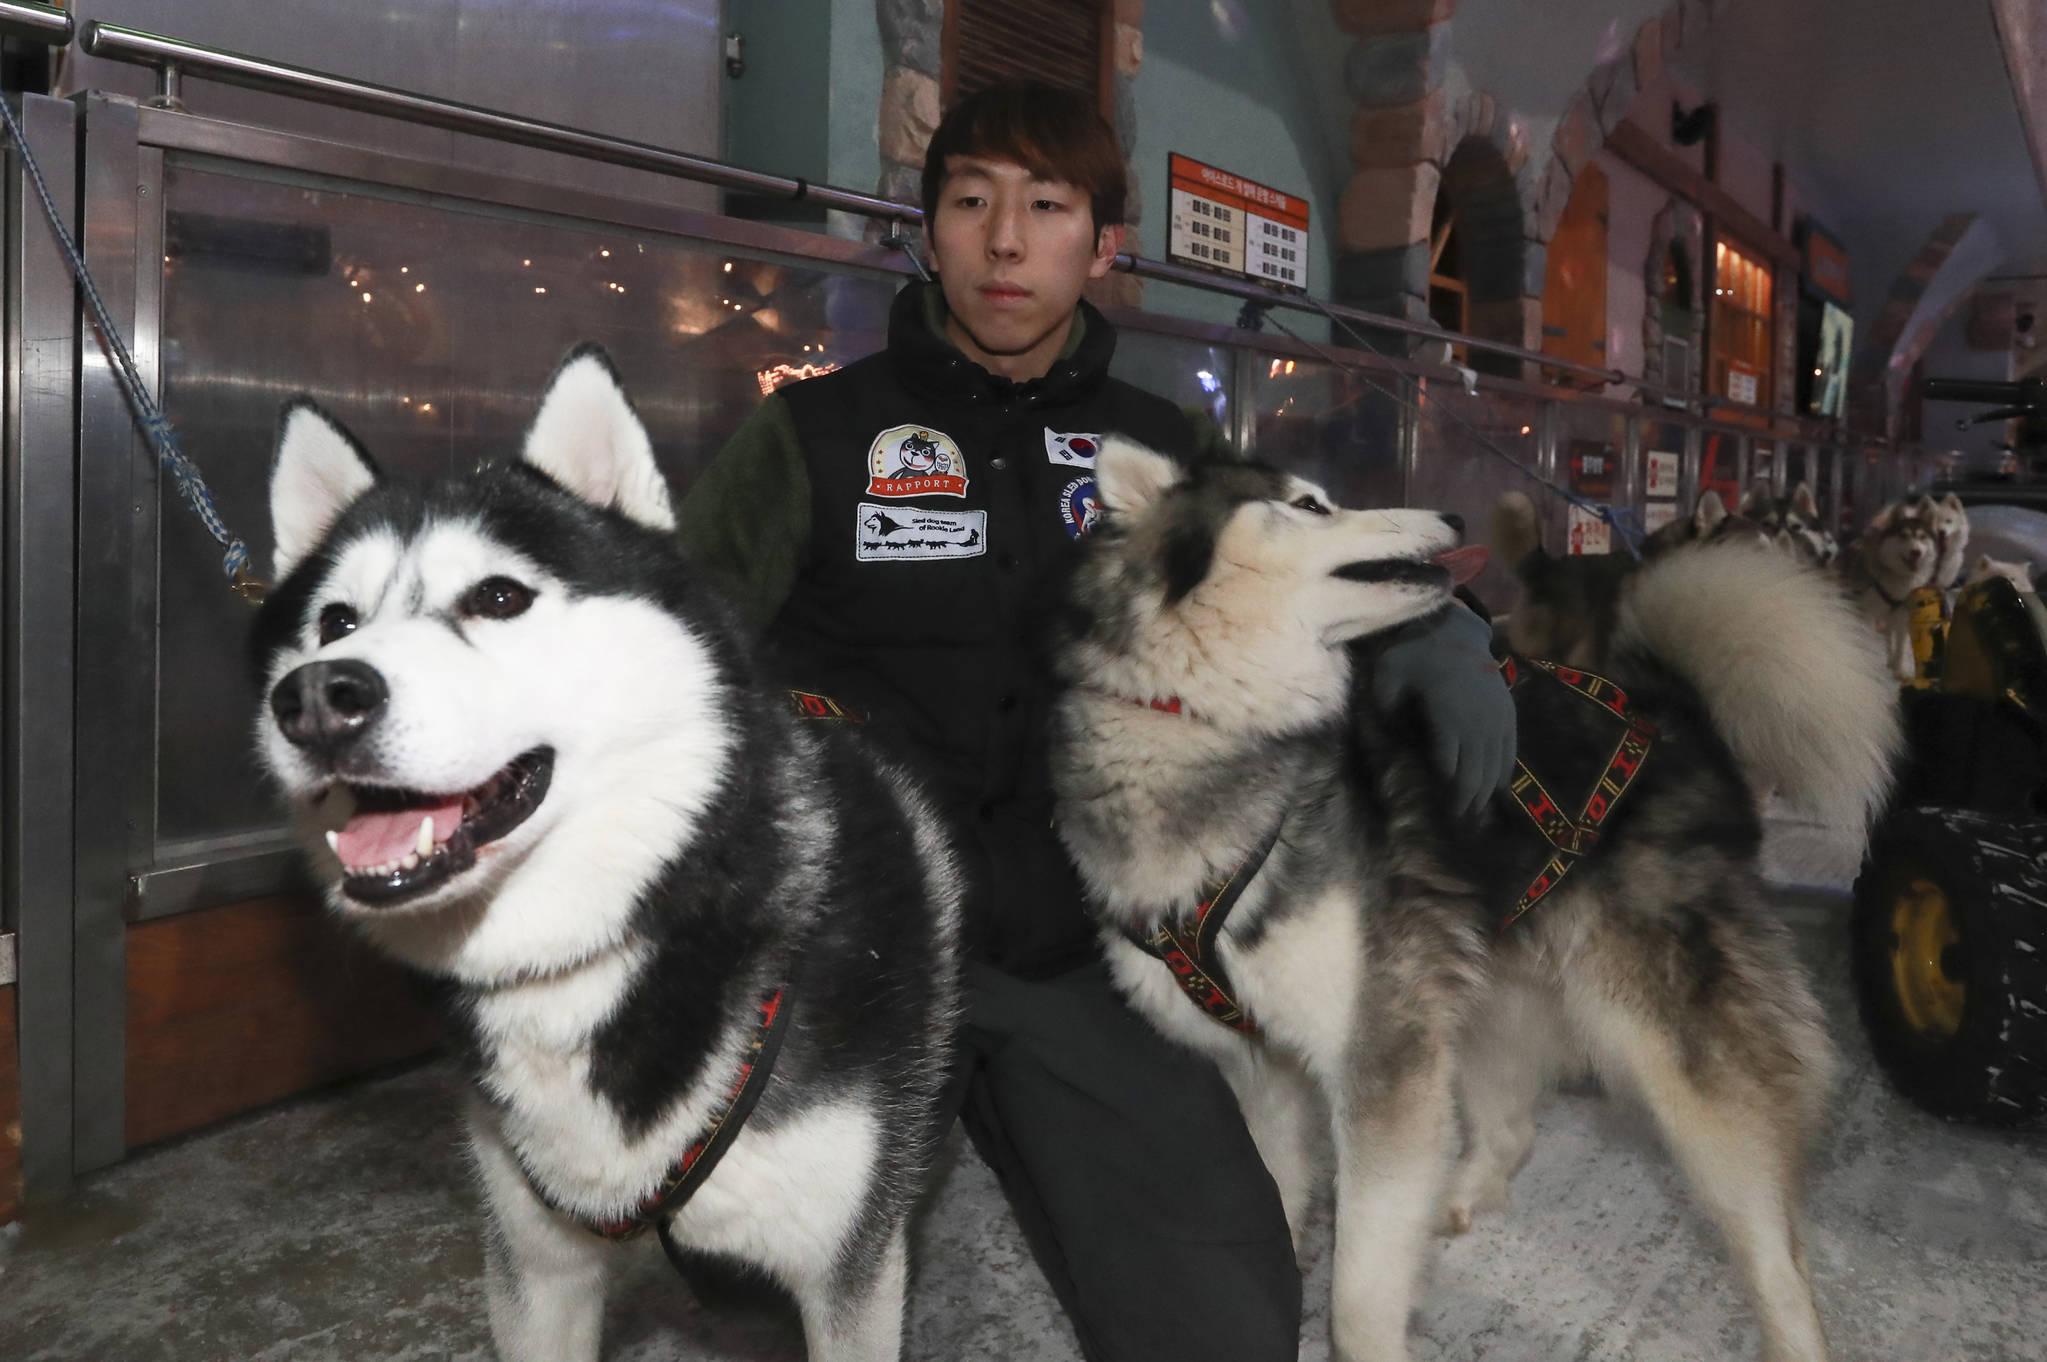 남기정 머셔(Musher.썰매를 끄는 사람)가 11일 경기도 일산 원마운트 스노우파크에서 달리기를 마친 개들을 안아주고 있다. 임현동 기자